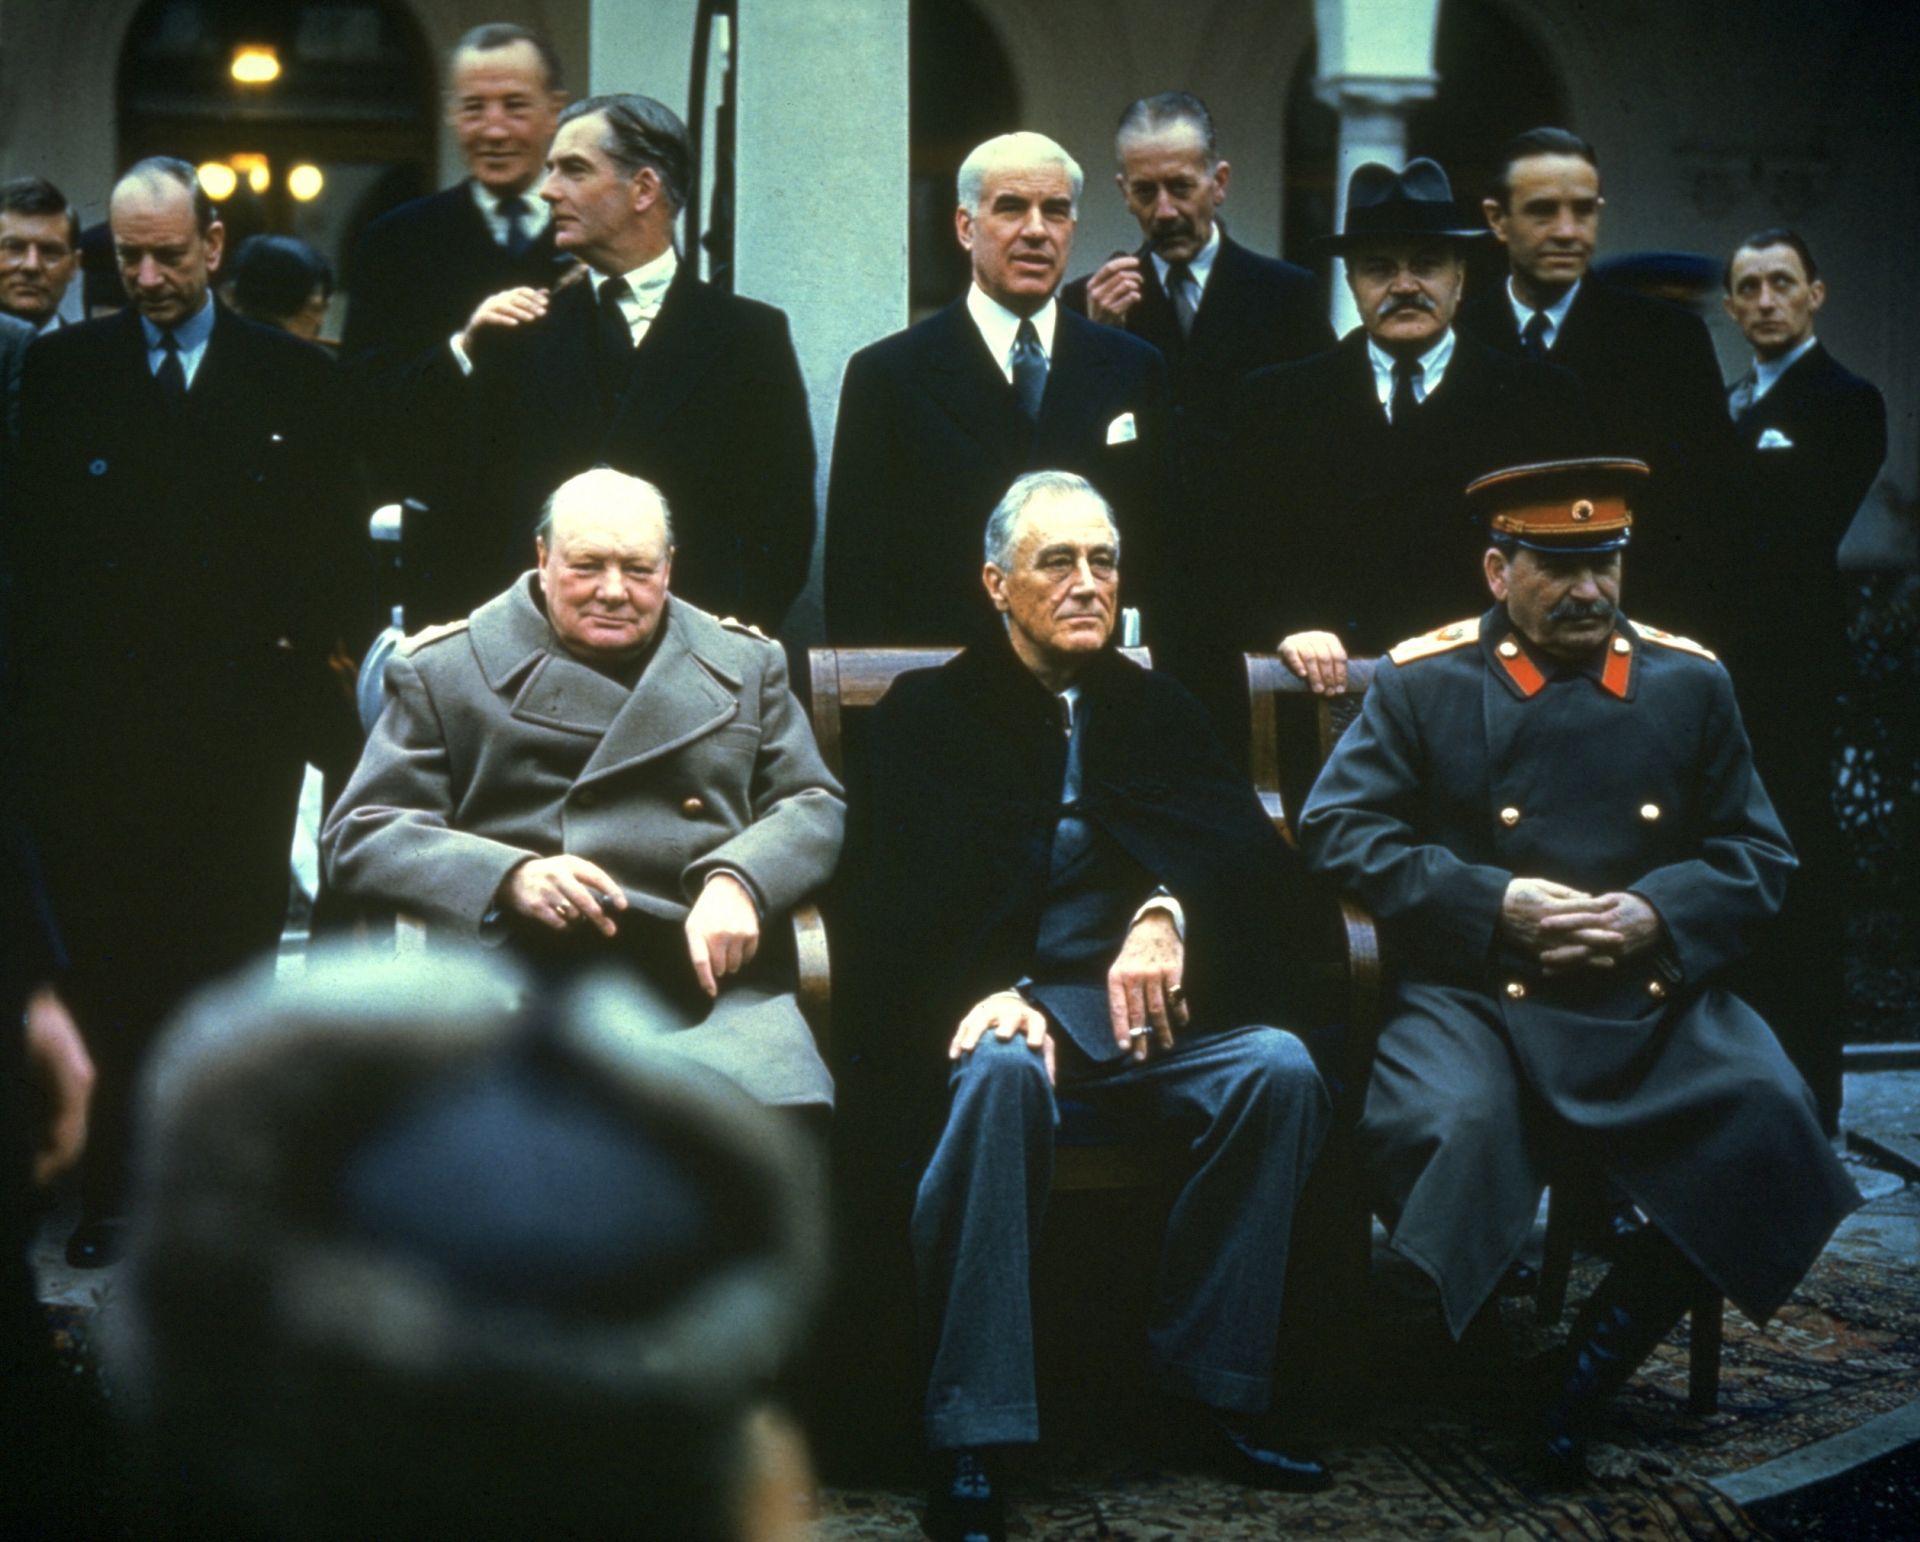 Уинстън Чърчил, Франклин Рузвелт и Йосиф Сталин по време на Ялтенската конференция